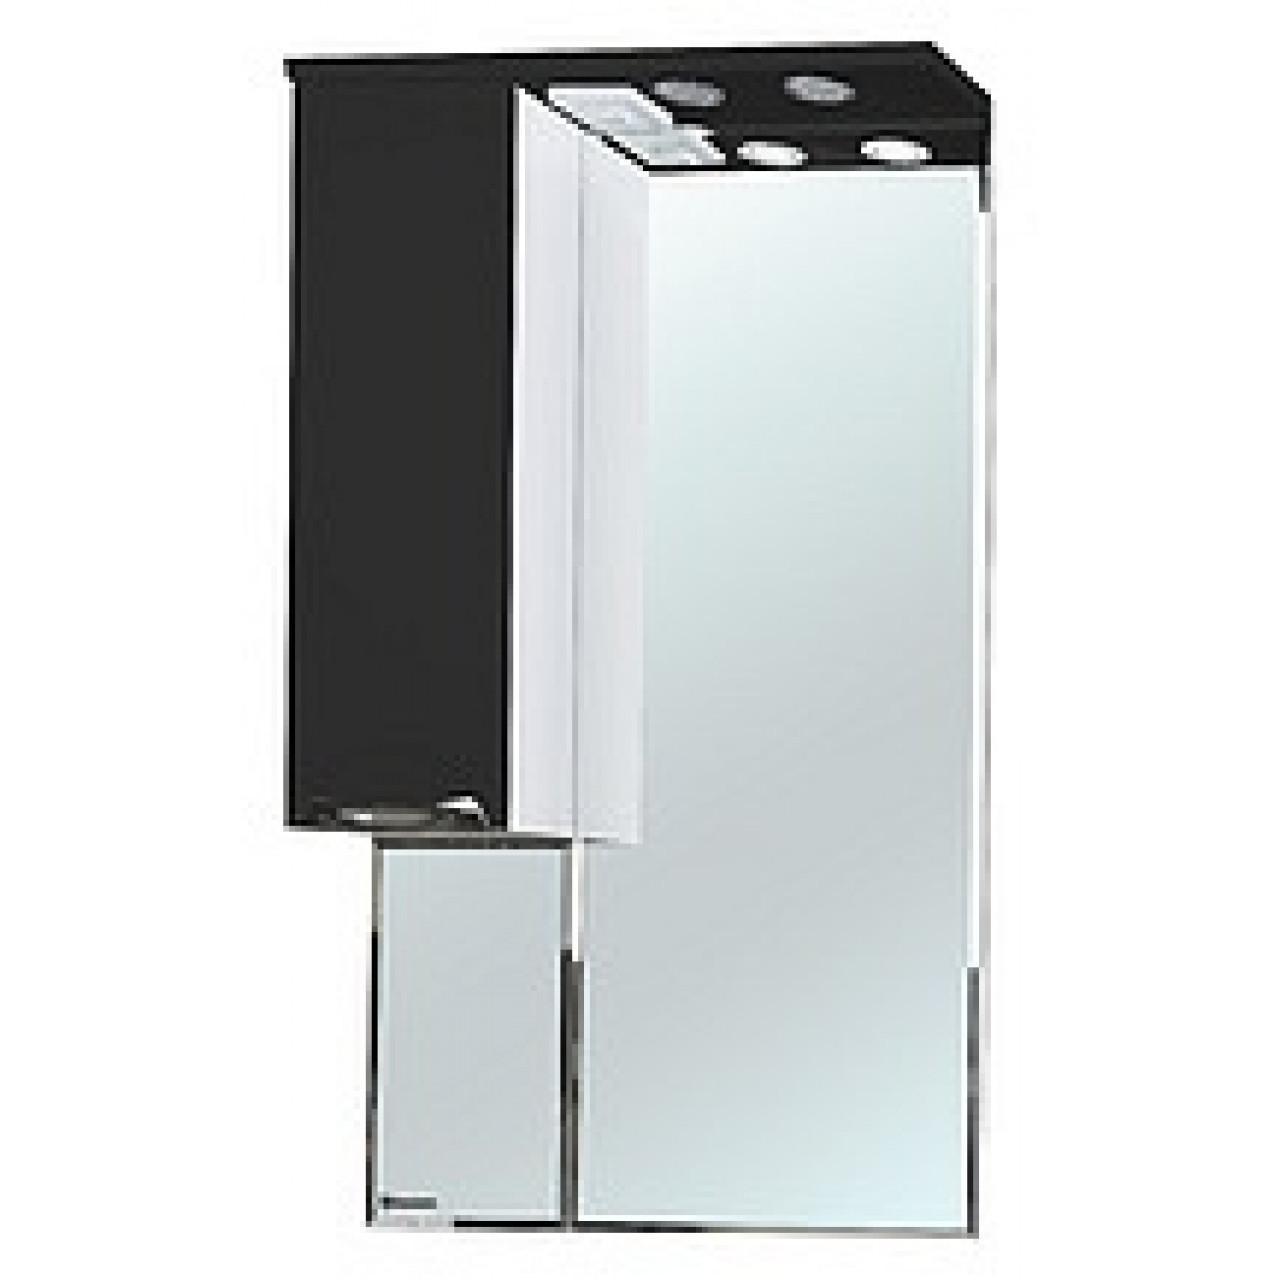 Зеркало-шкаф Bellezza Альфа 65 (черный, красный, бежевый) купить в Москве по цене от 5228р. в интернет-магазине mebel-v-vannu.ru